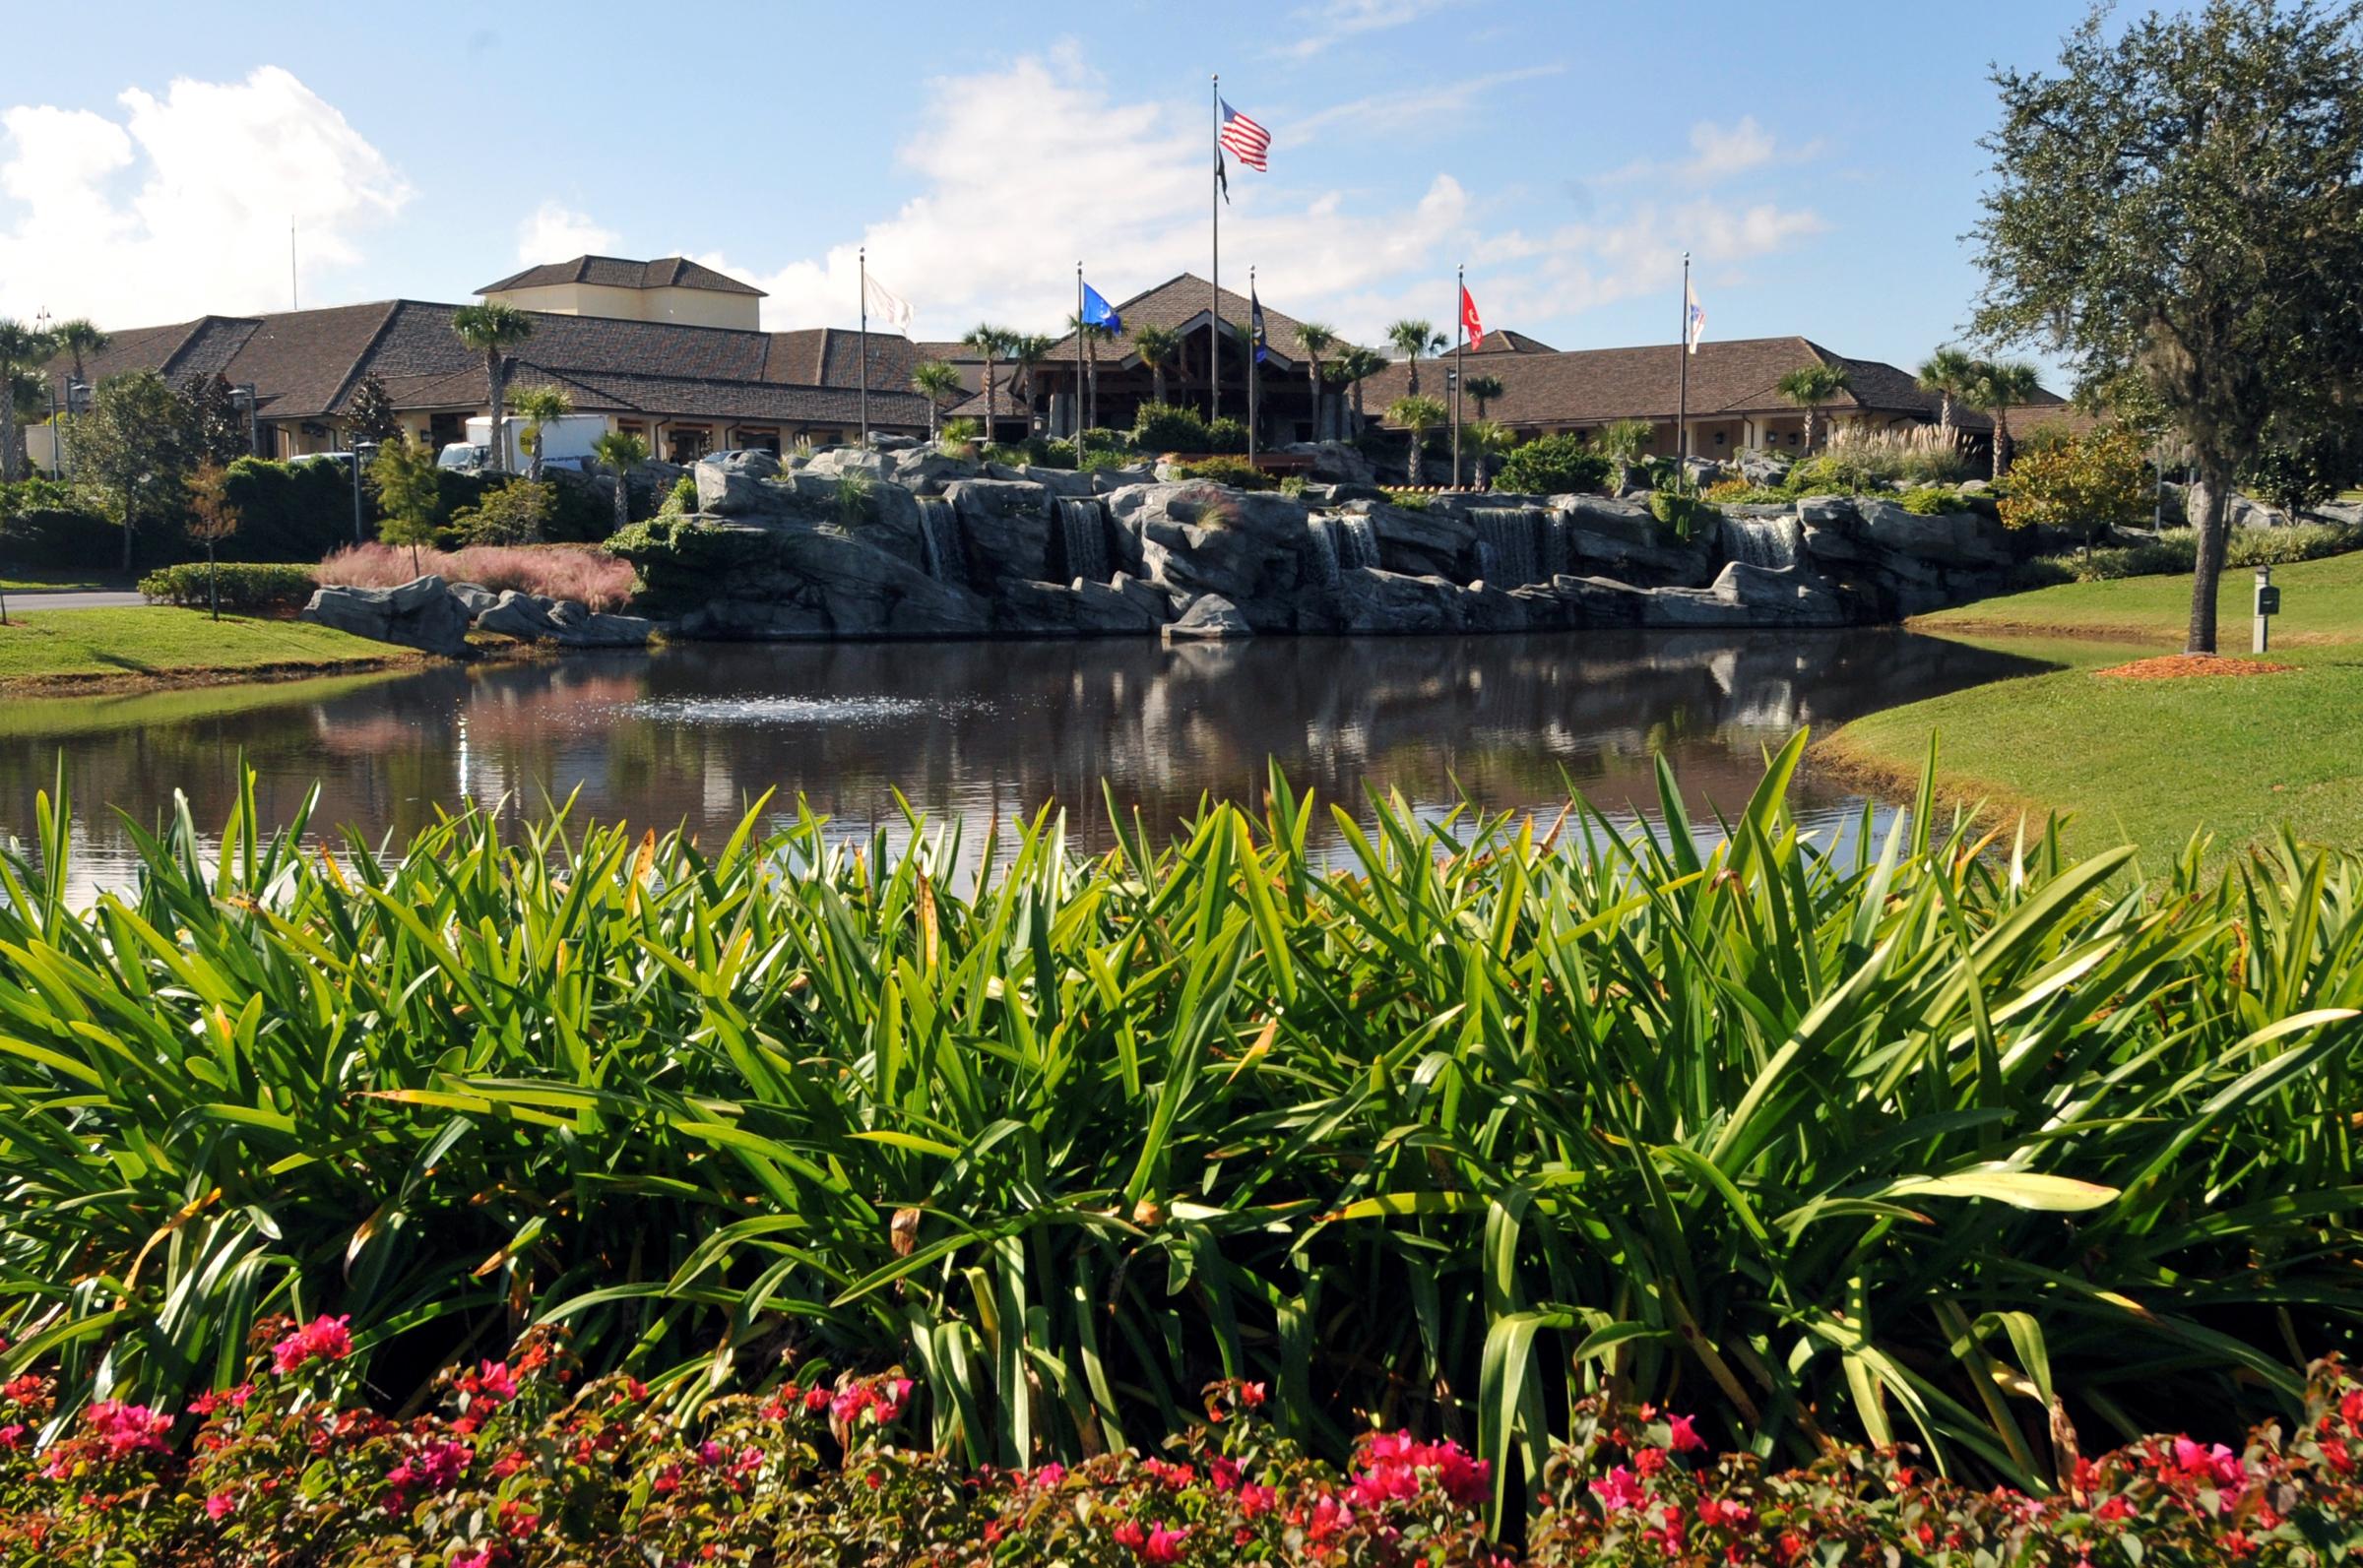 Shades of Green at Walt Disney World